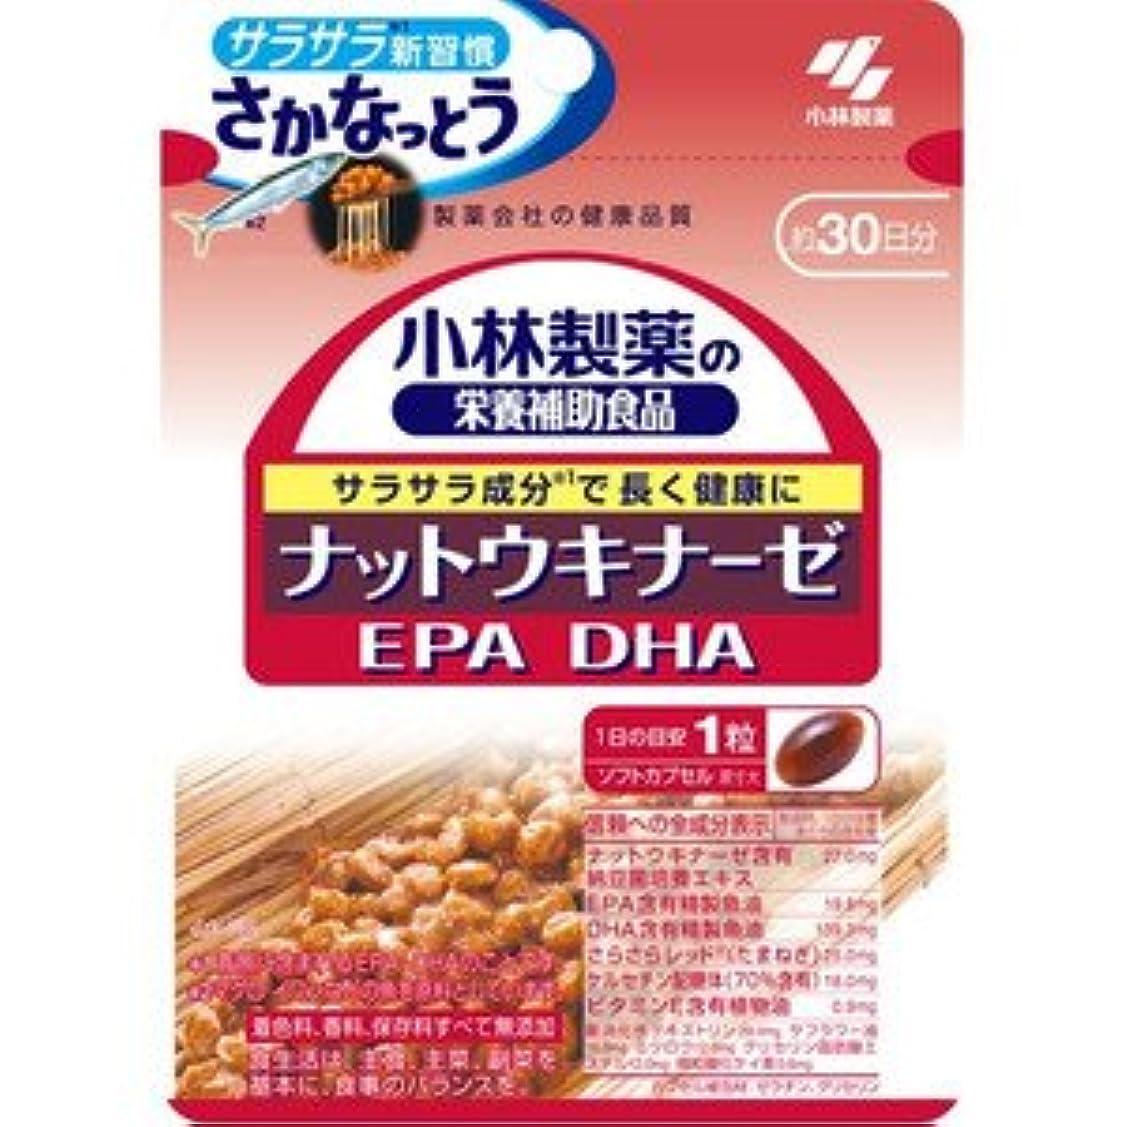 物語ドール捨てる【小林製薬】ナットウキナーゼ (EPA/DHA) 30粒(お買い得3個セット)